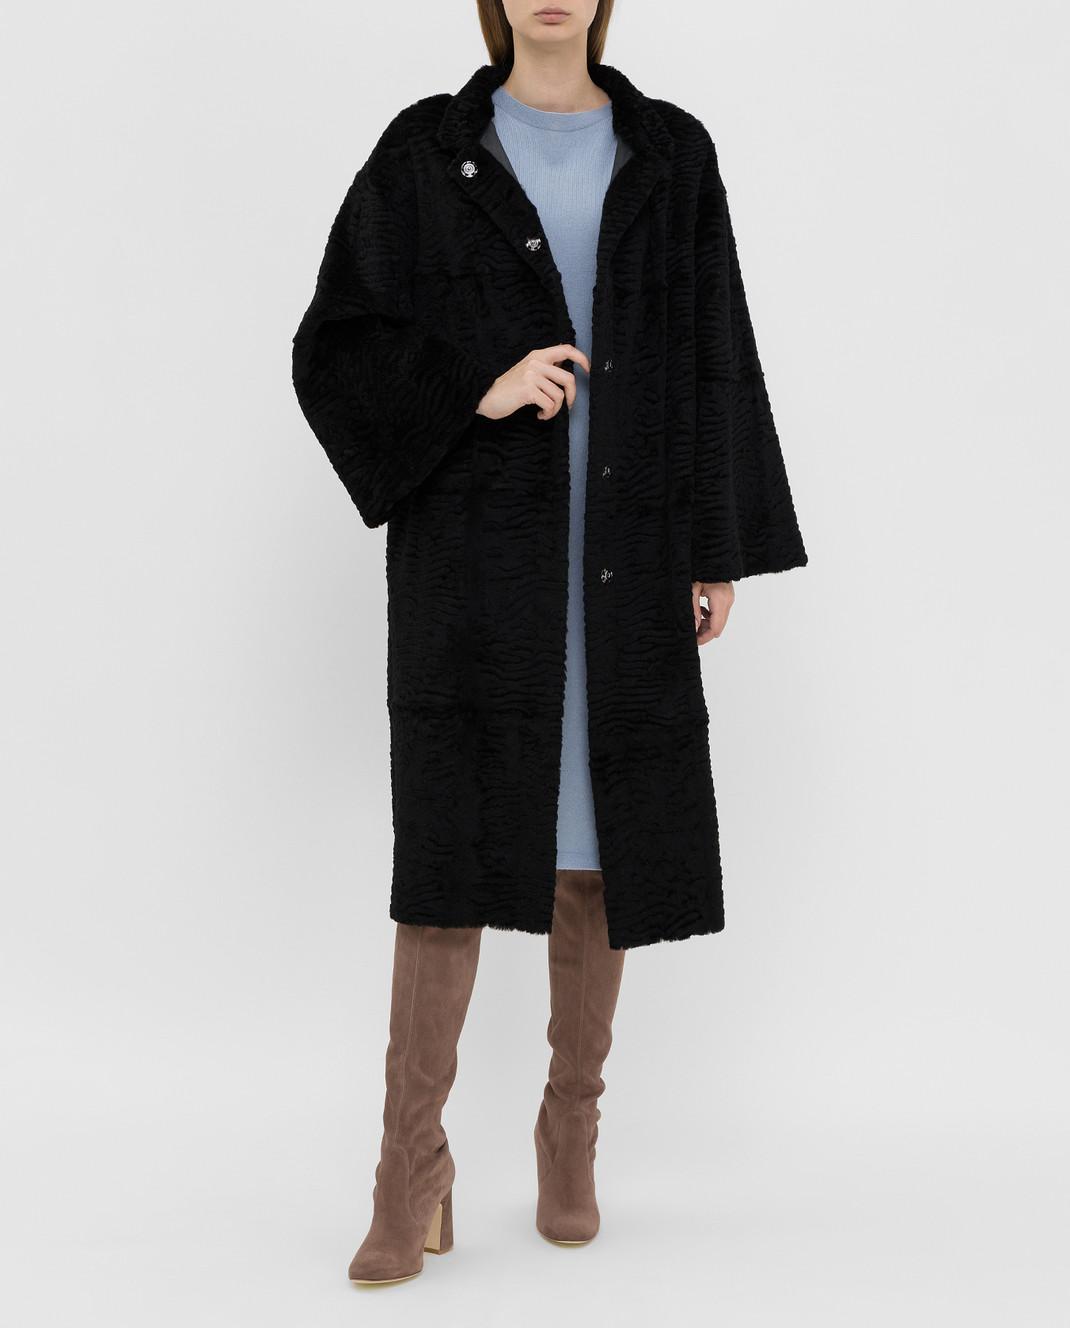 Giuliana Teso Черное пальто из меха кролика 84KA440A изображение 2